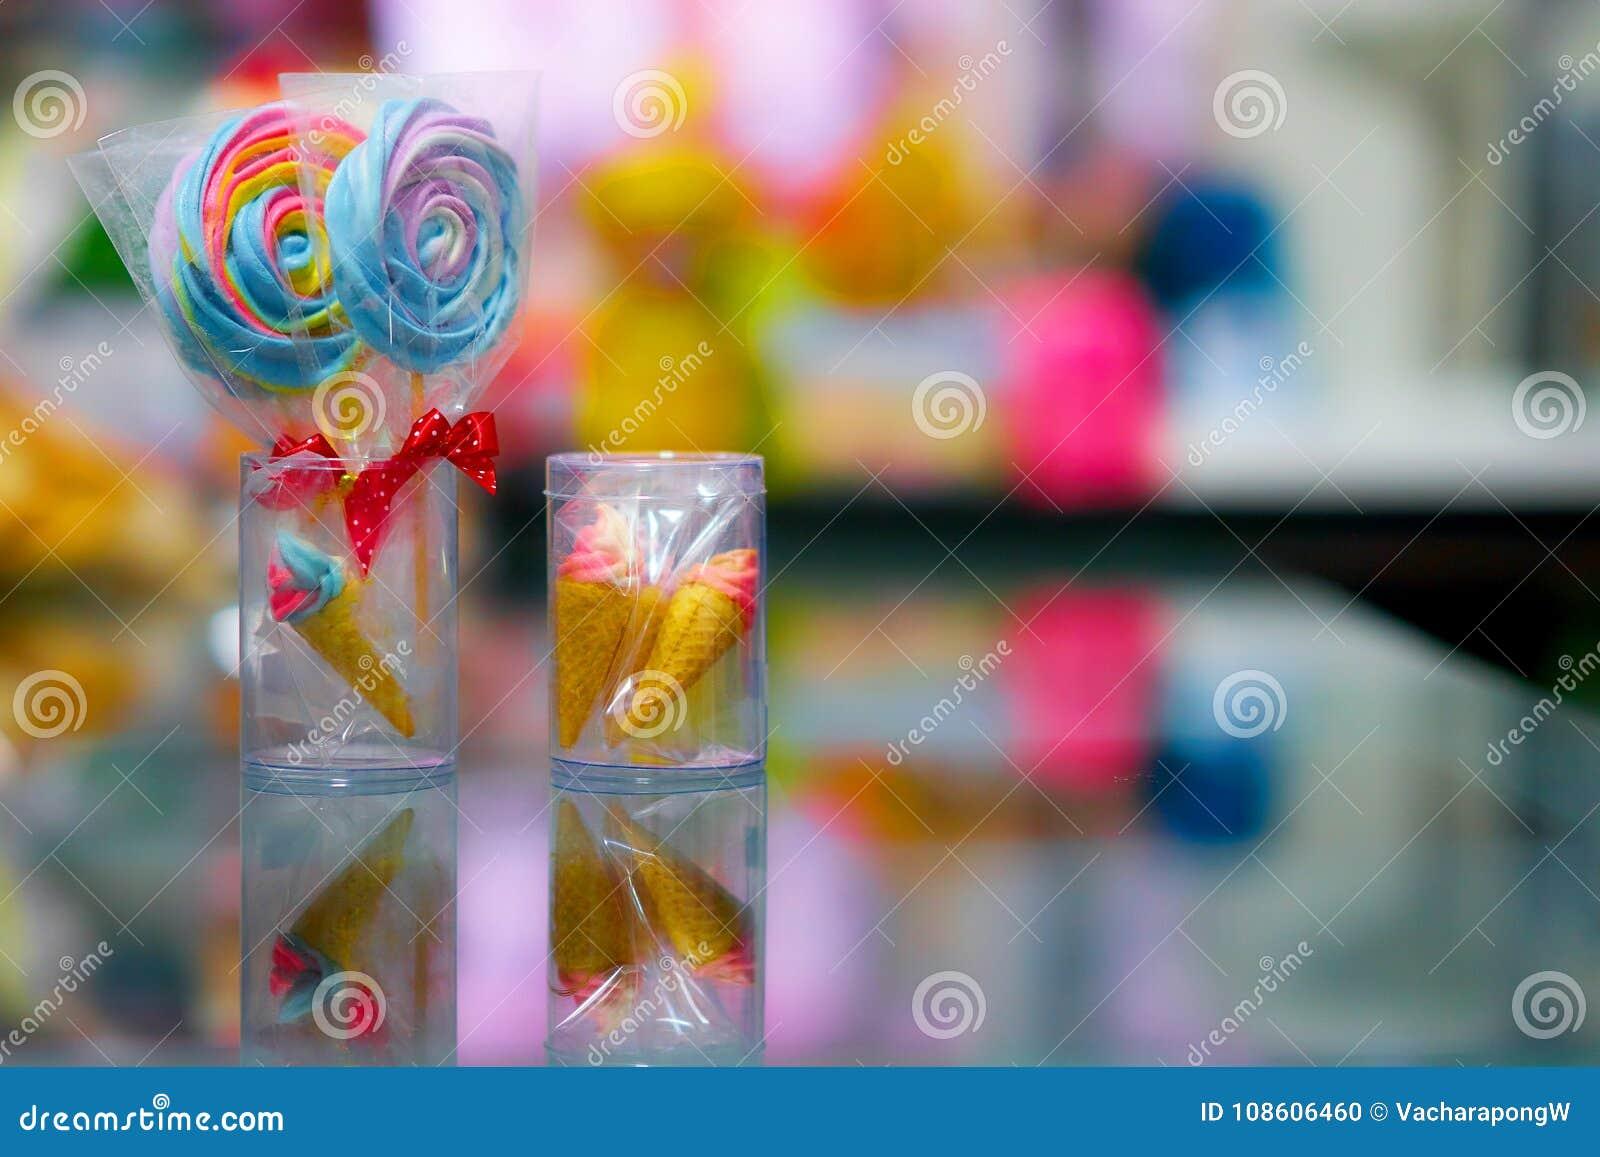 Lolipop colorido e mini cone na caixa plástica com reflexão